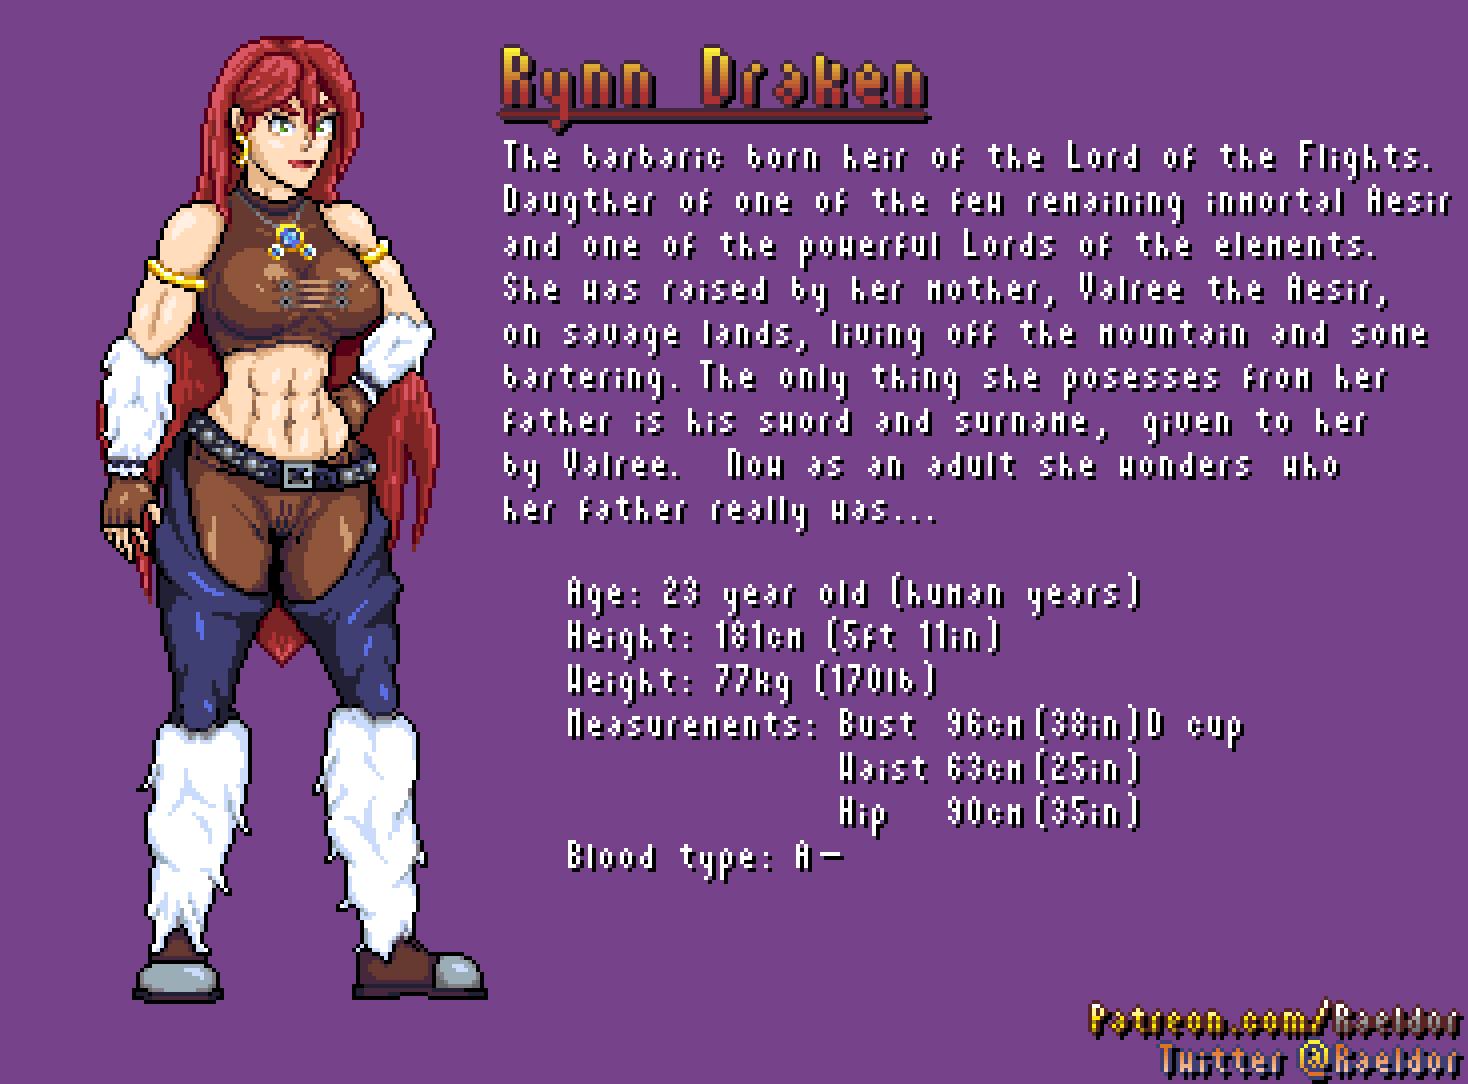 Character Sheet: Rynn Draken